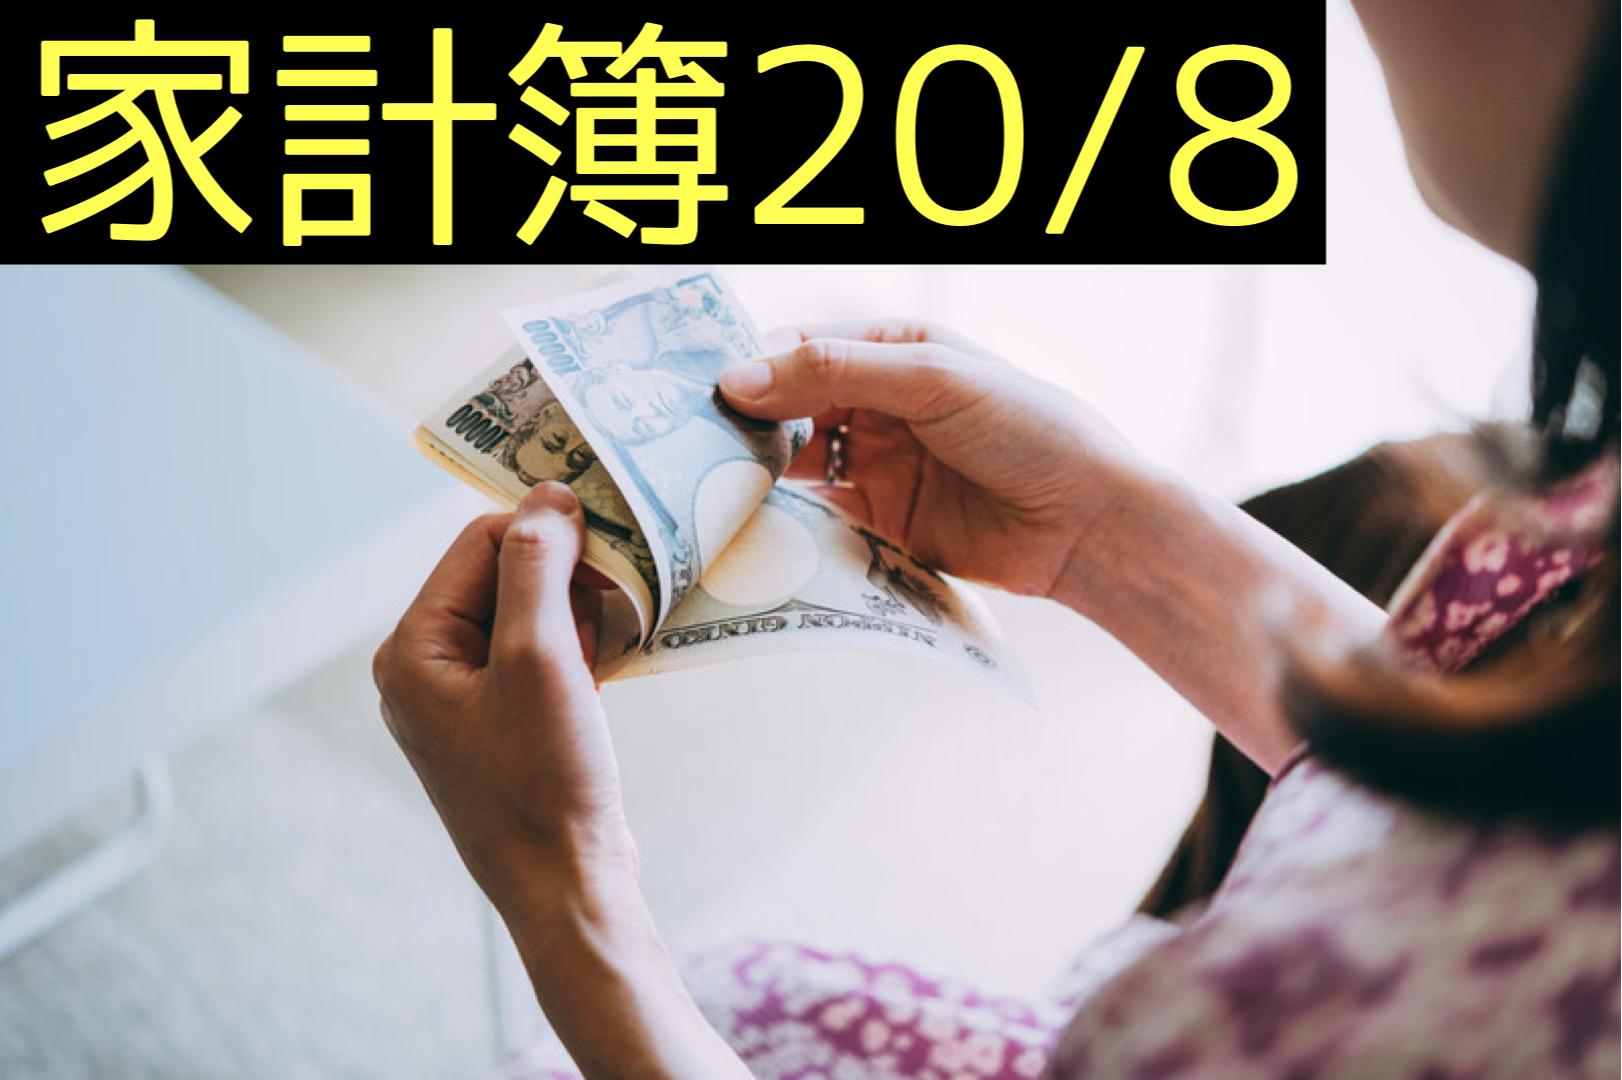 【30代】家計簿公開・20年8月【1人暮らし】